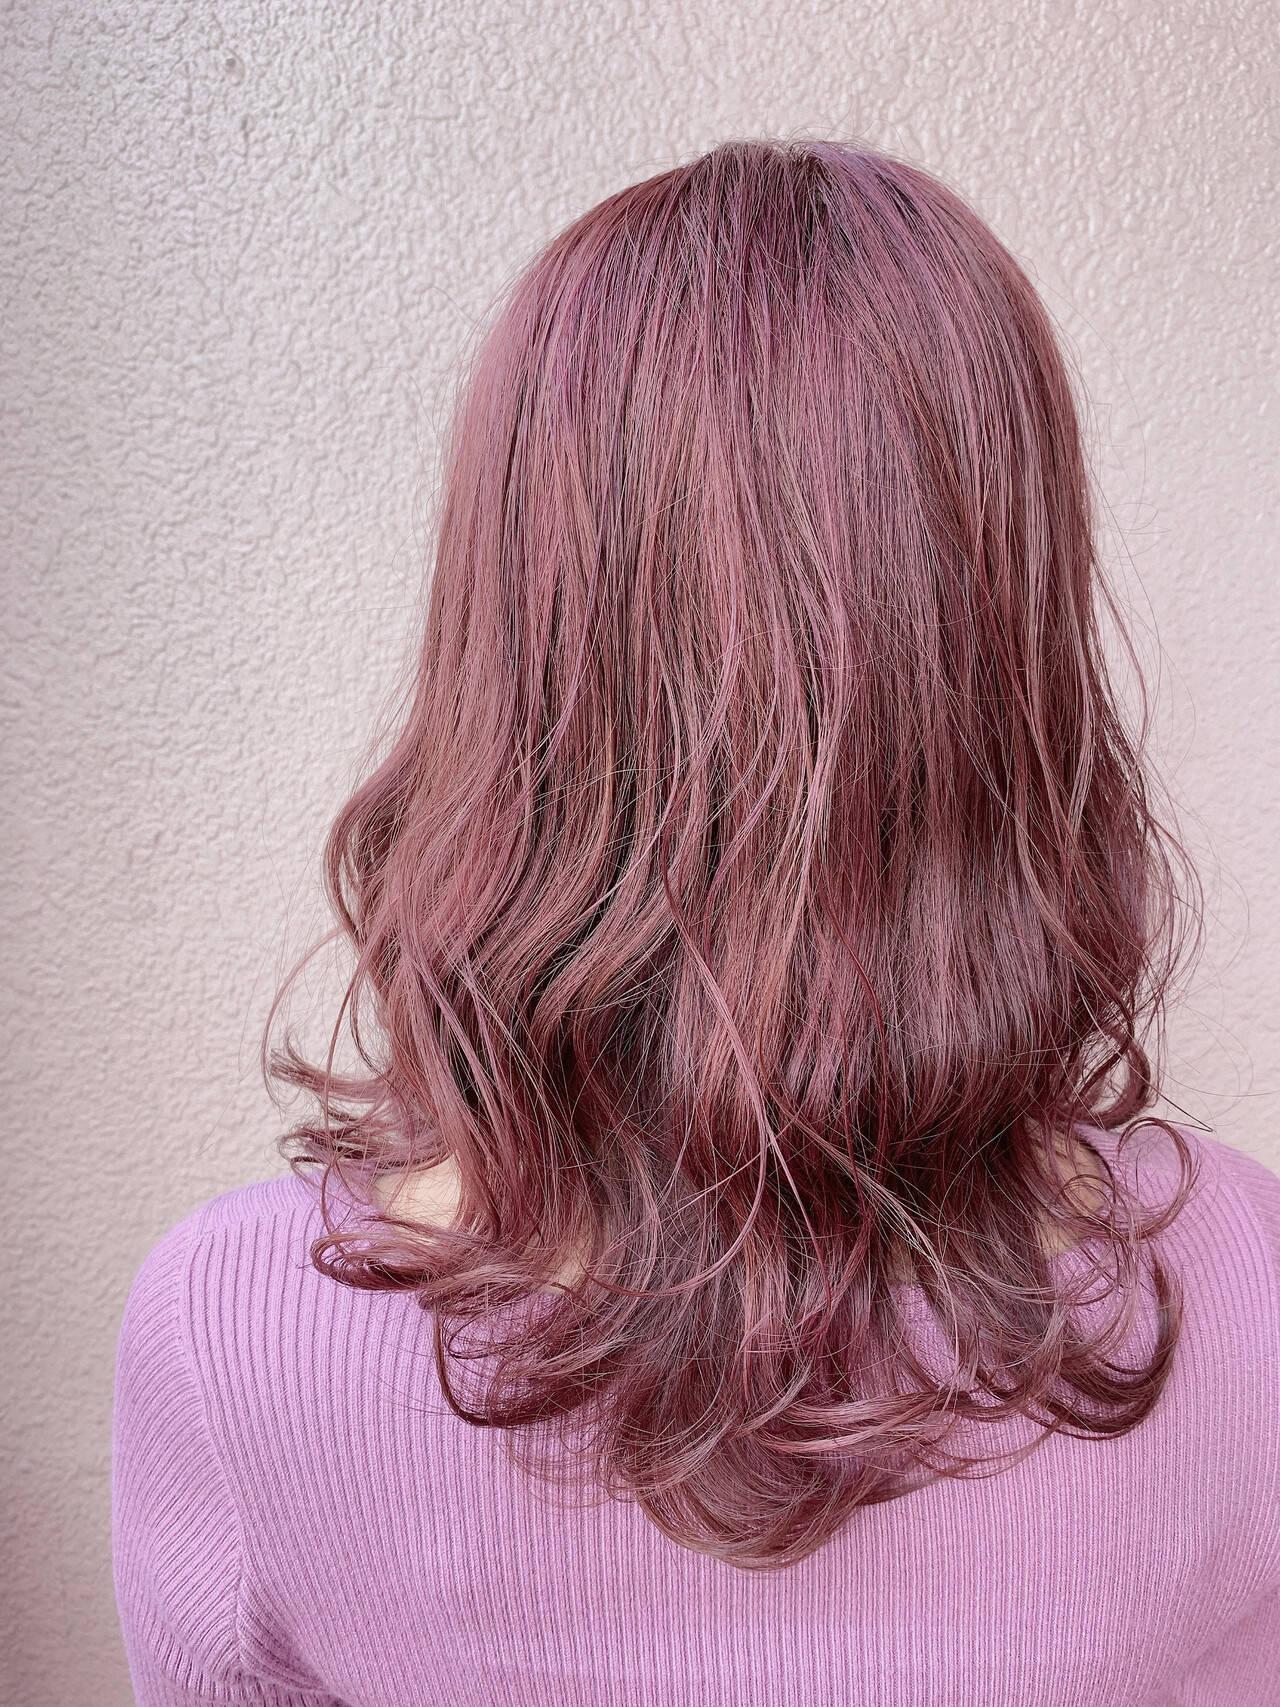 ナチュラル セミロング 外国人風カラー ローズヘアスタイルや髪型の写真・画像